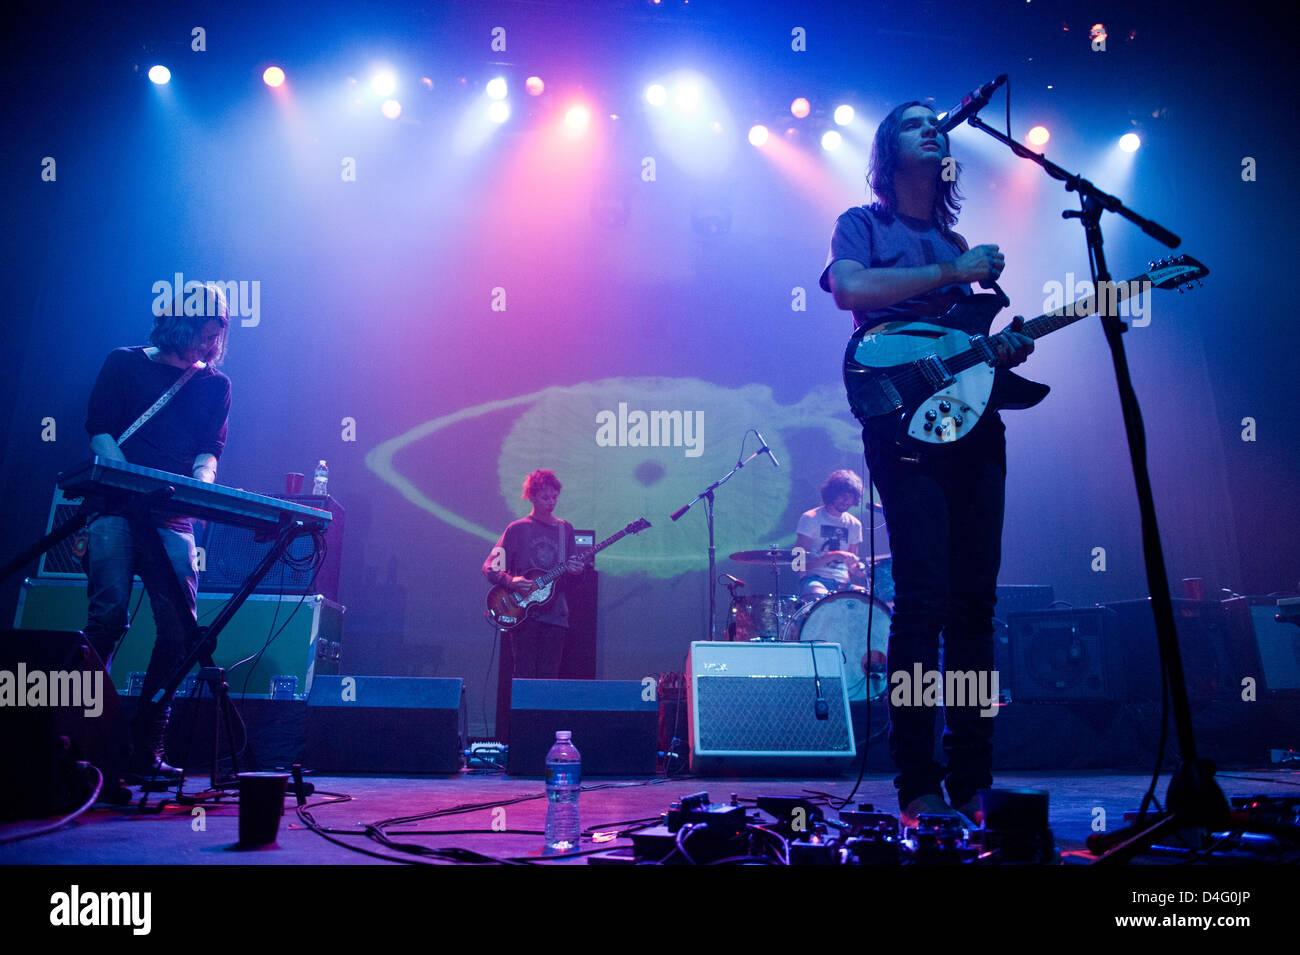 Tame Impala erklingt am 6. März 2013 in The Vic Theatre in Chicago. Bildnachweis: Max Herman / Stereogum.com Stockbild